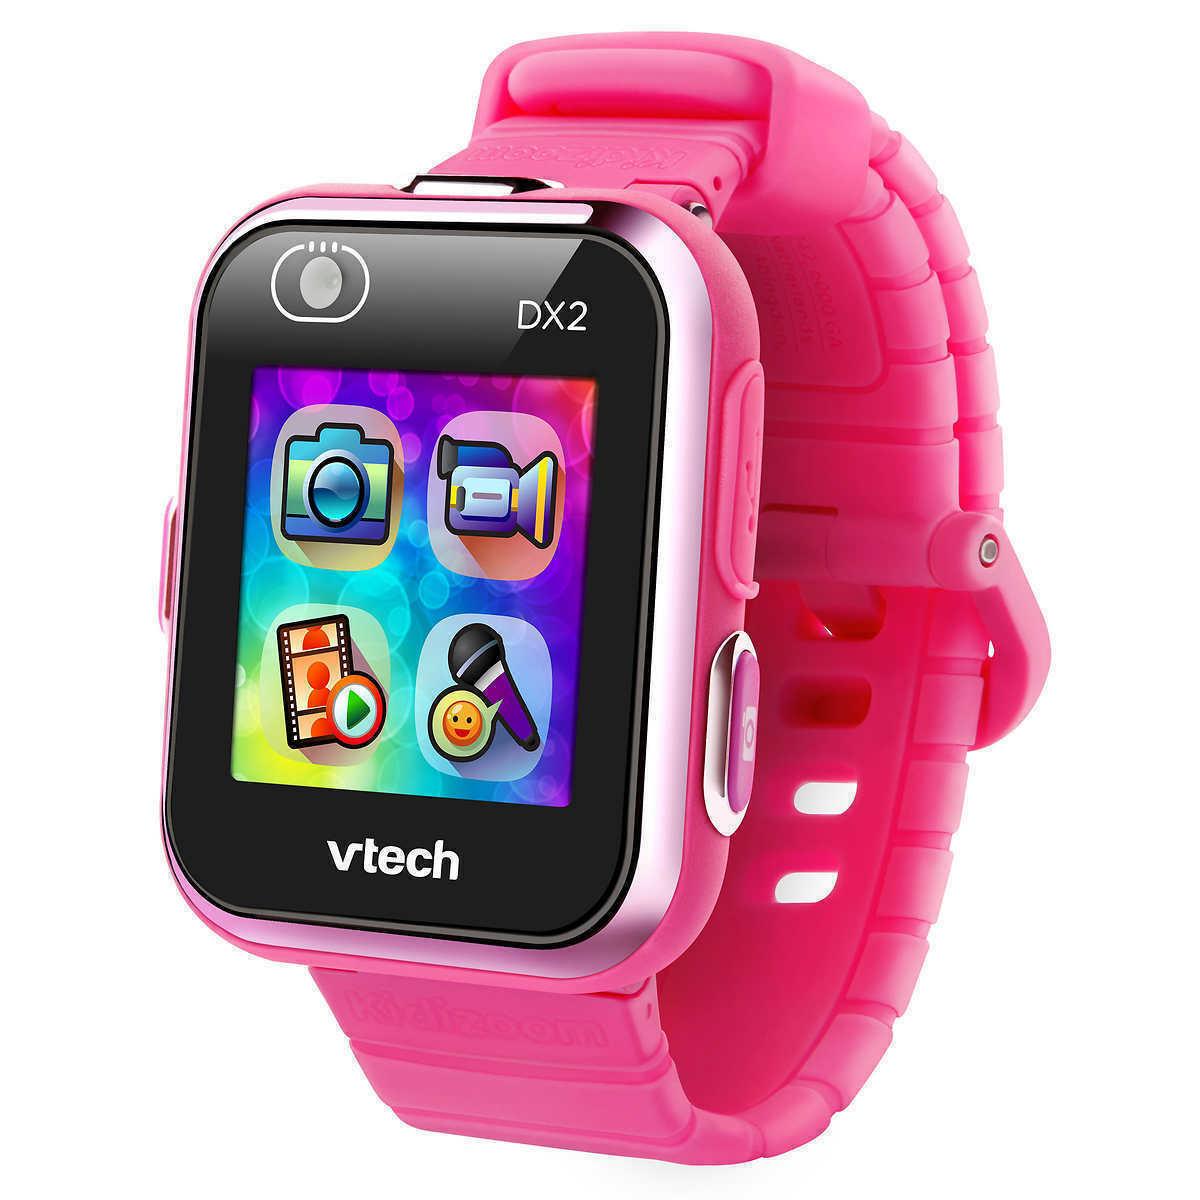 VTech Kidizoom Smartwatch DX2, Pink - $80.35